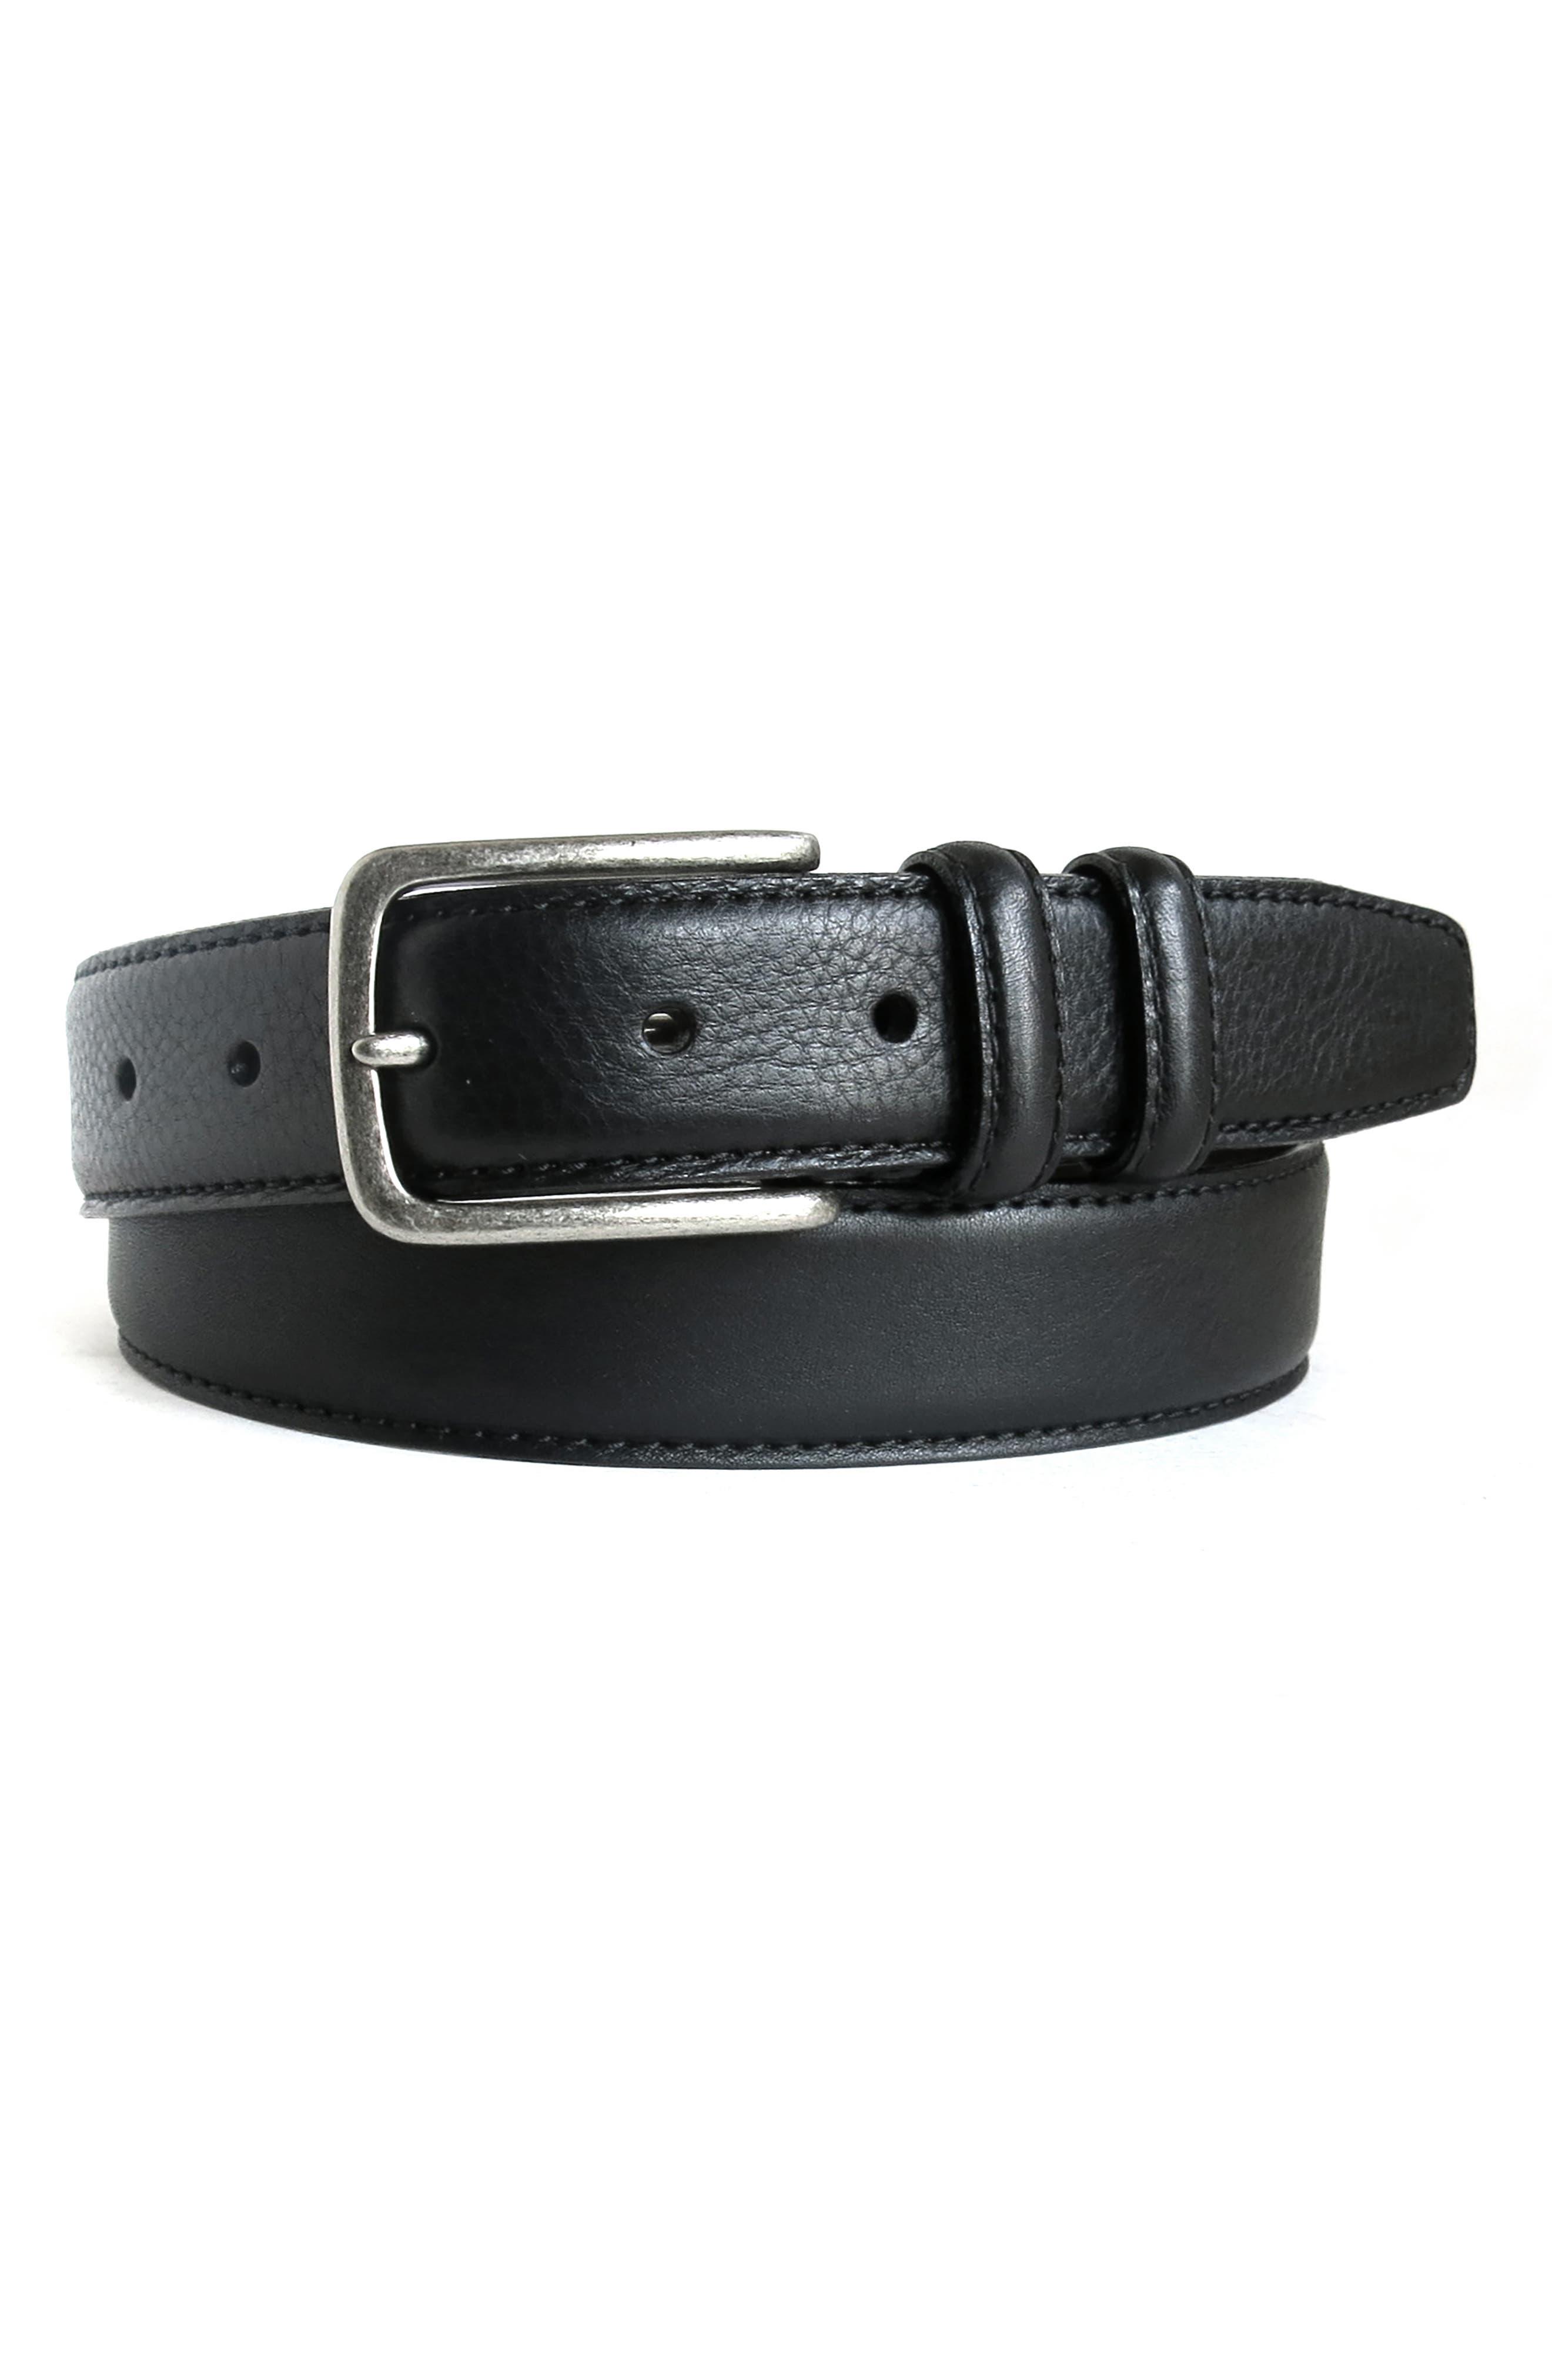 Clapton Leather Belt,                             Main thumbnail 1, color,                             BLACK